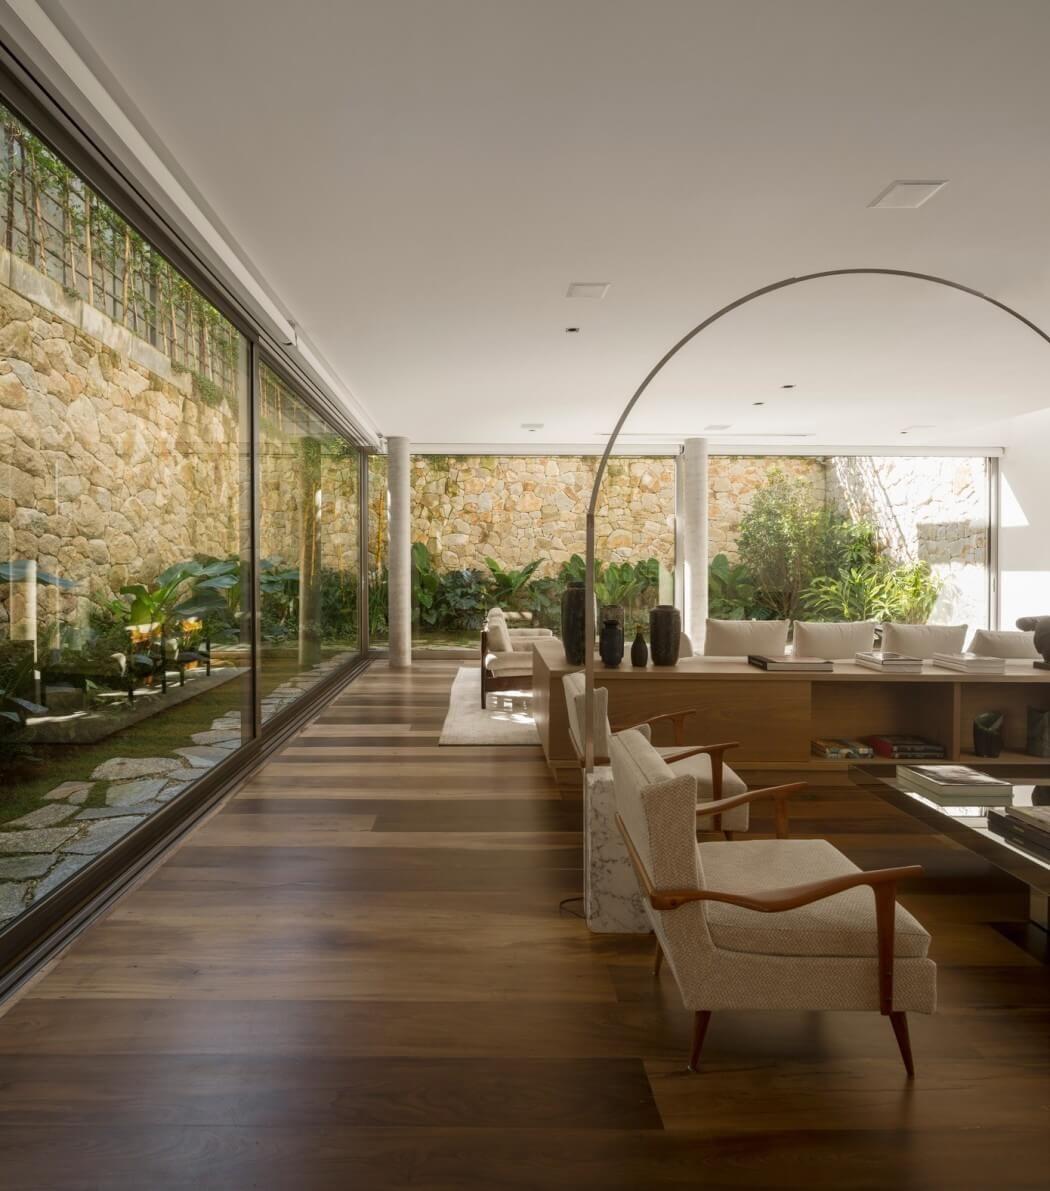 Esszimmer design bd c house by studio arthur casas  exteriores ideas  pinterest